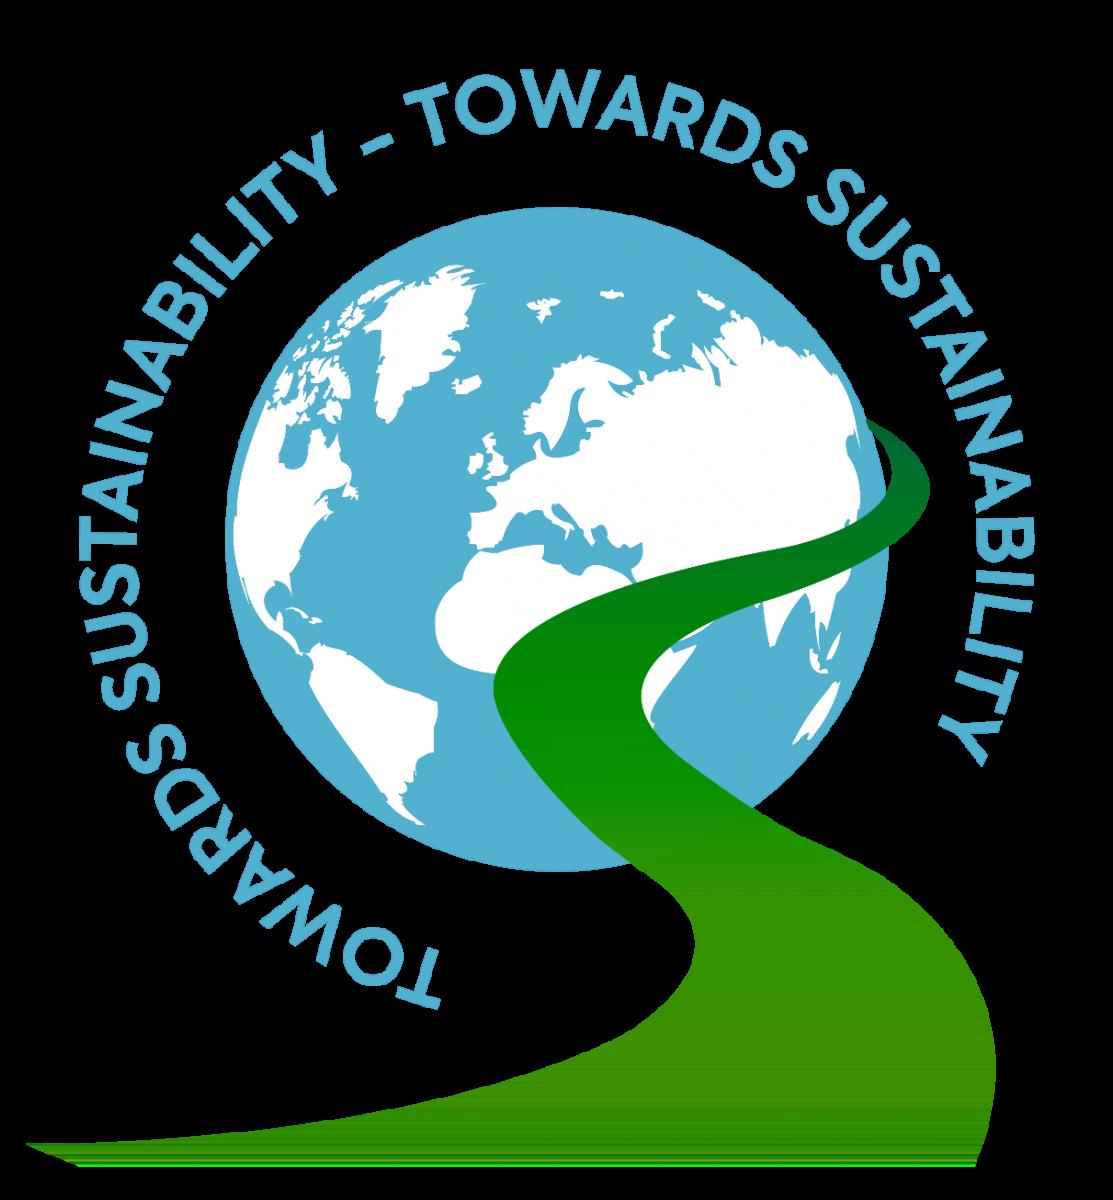 Het 'Towards Sustainability'-label van Febelfin bevestigt de leiderspositie van BNP Paribas Fortis